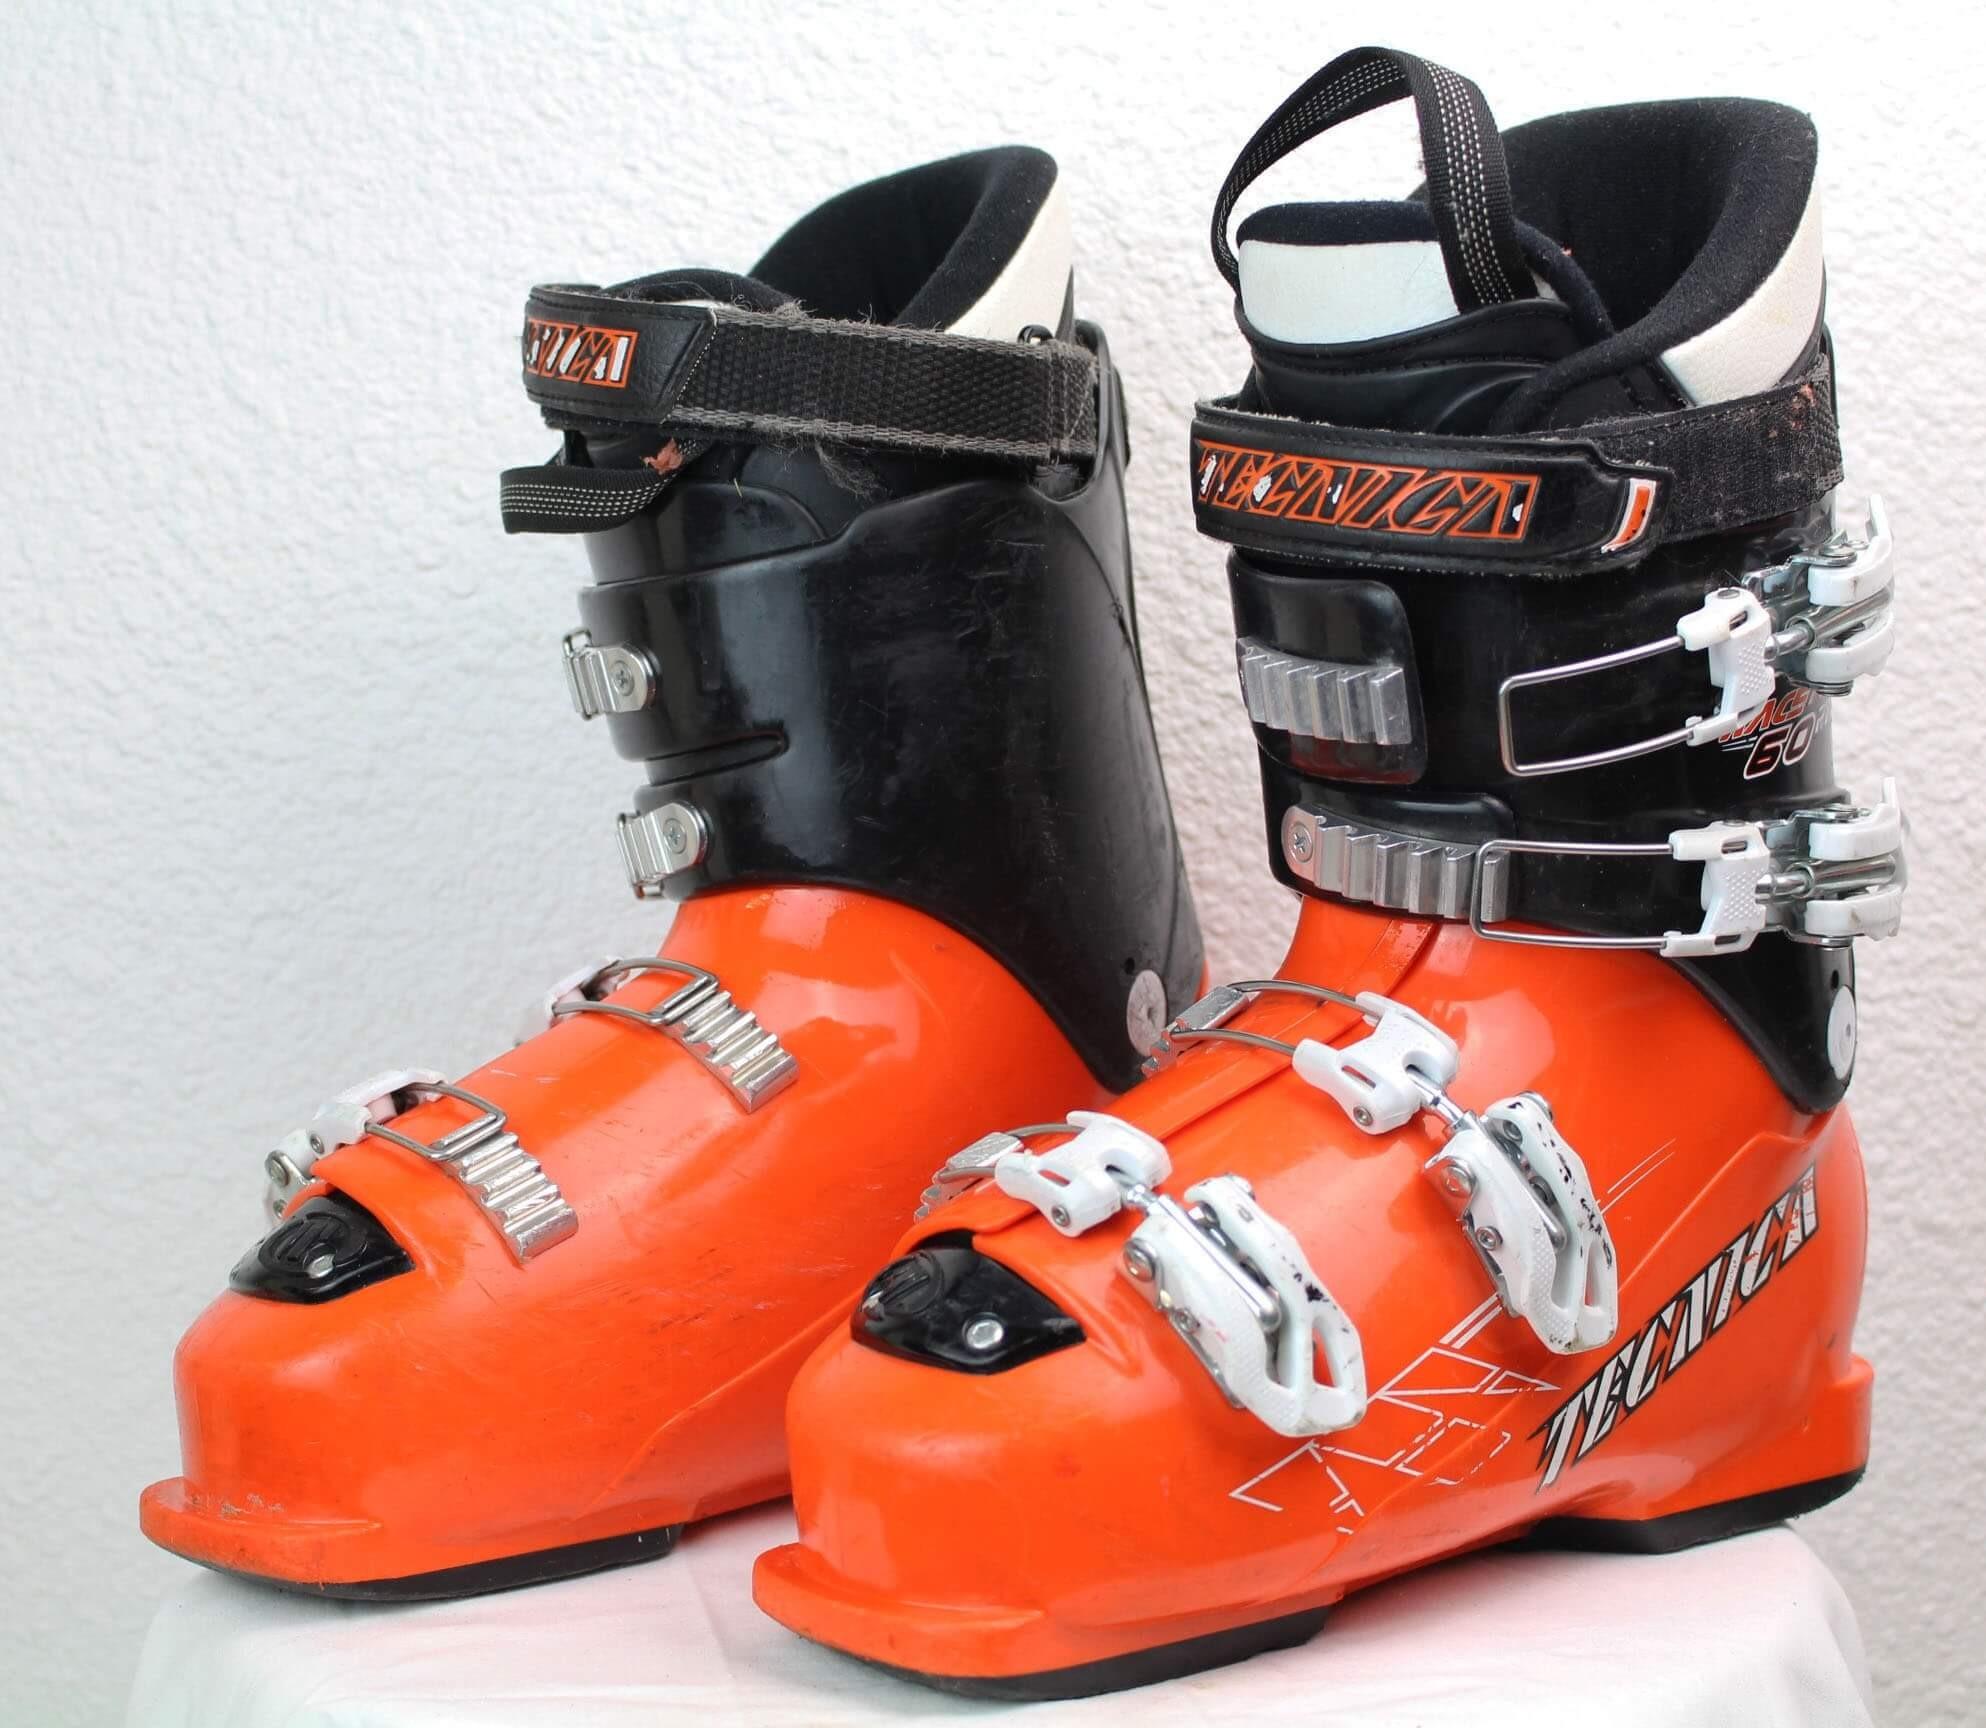 the best attitude e2a55 770ef Scarponi da sci Tecnica Race Pro 60 RT Nero / Arancione - SkiOccas